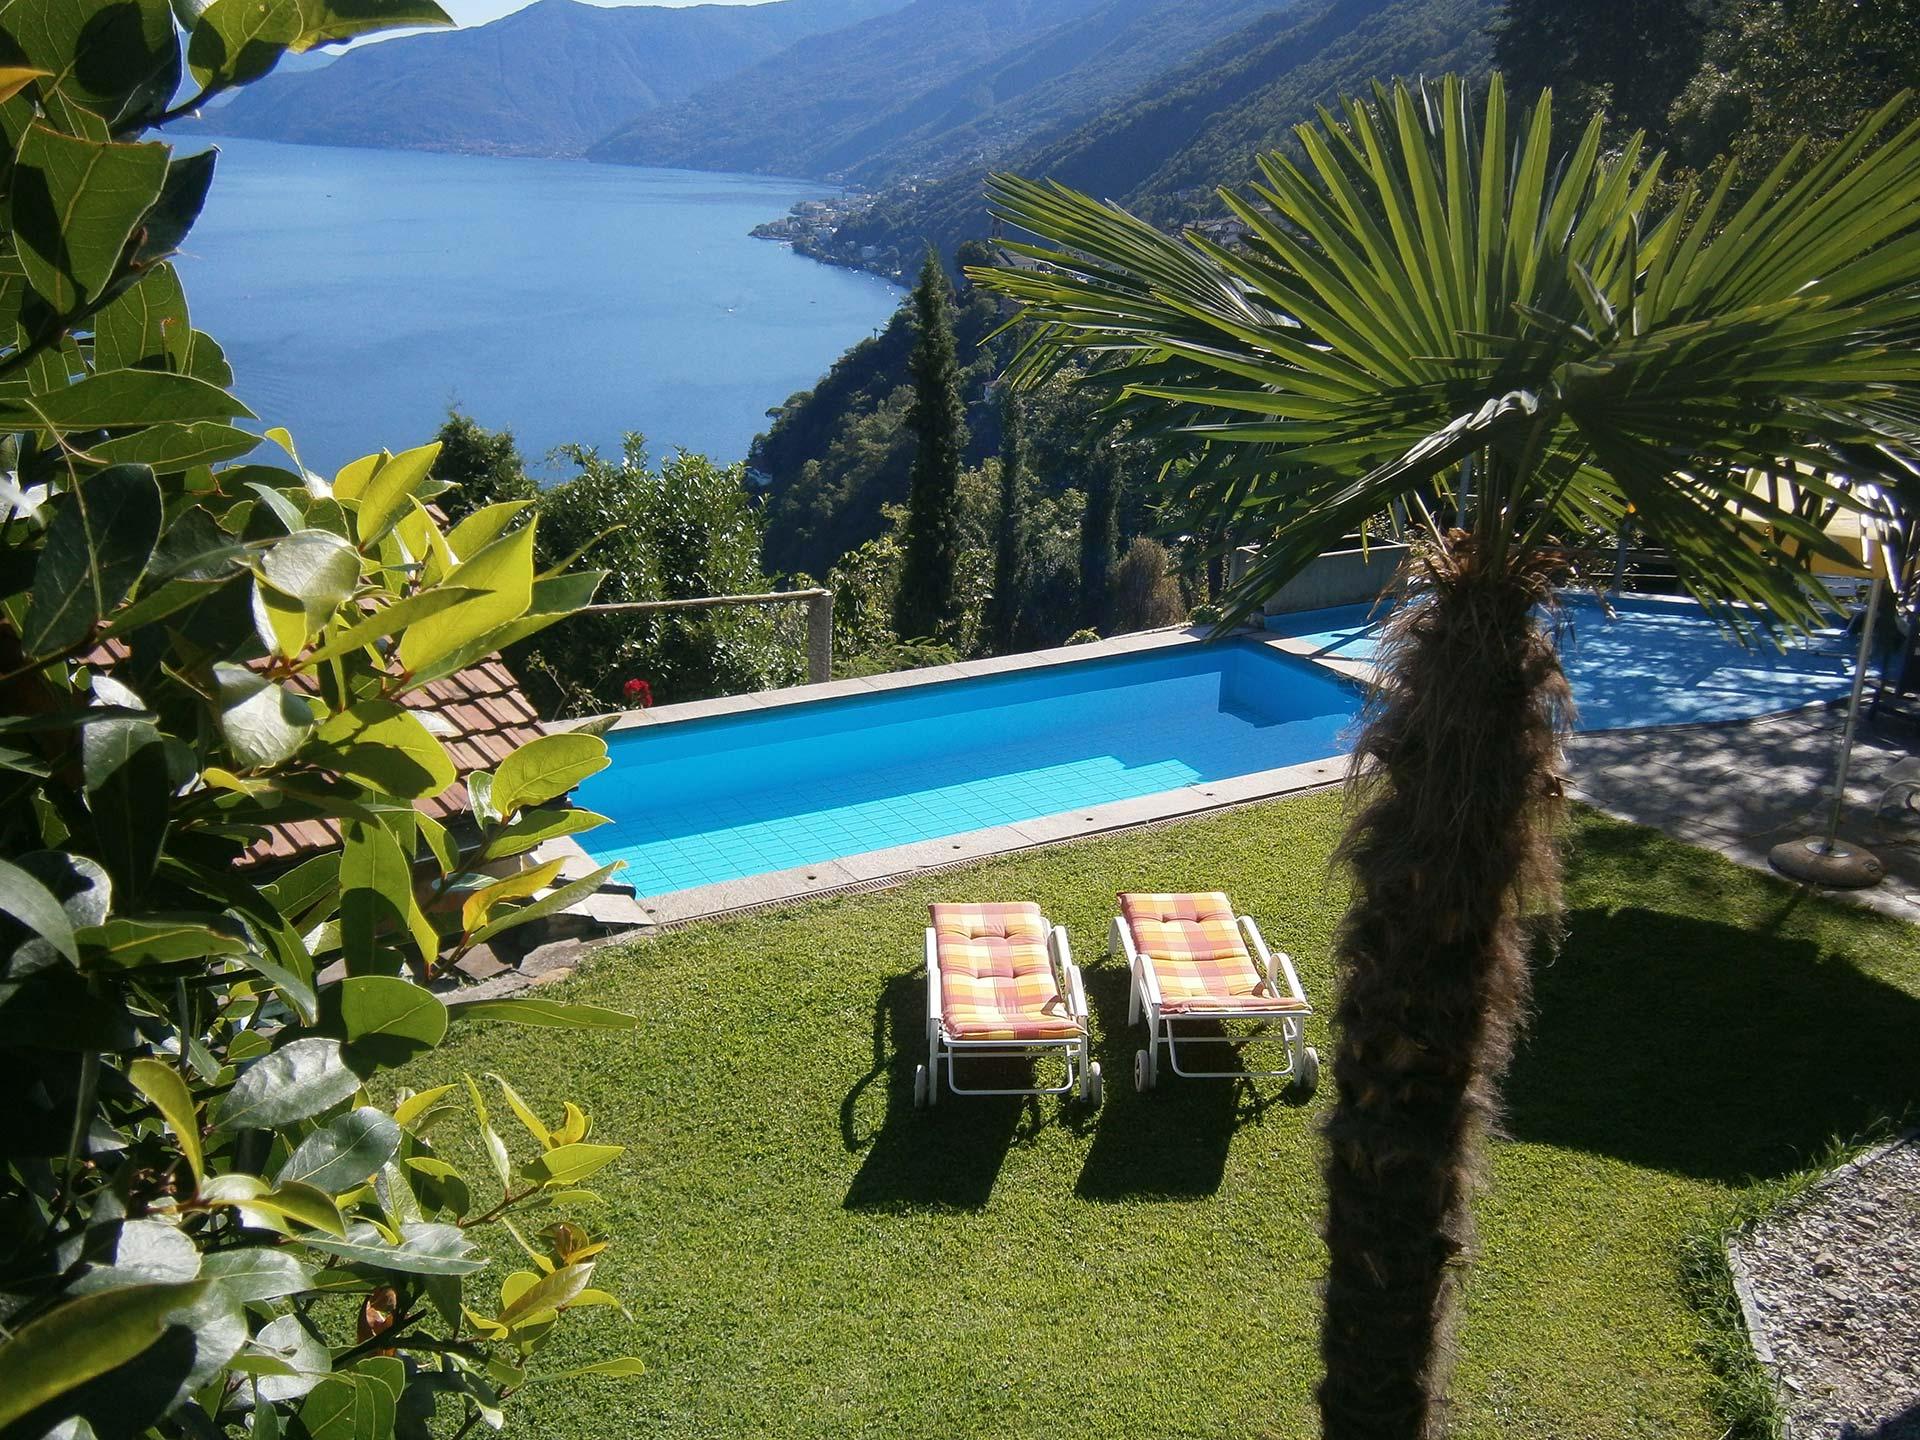 Pensione elisabetta piscina ronco sopra ascona ticino svizzera - Bagno pubblico ascona ...